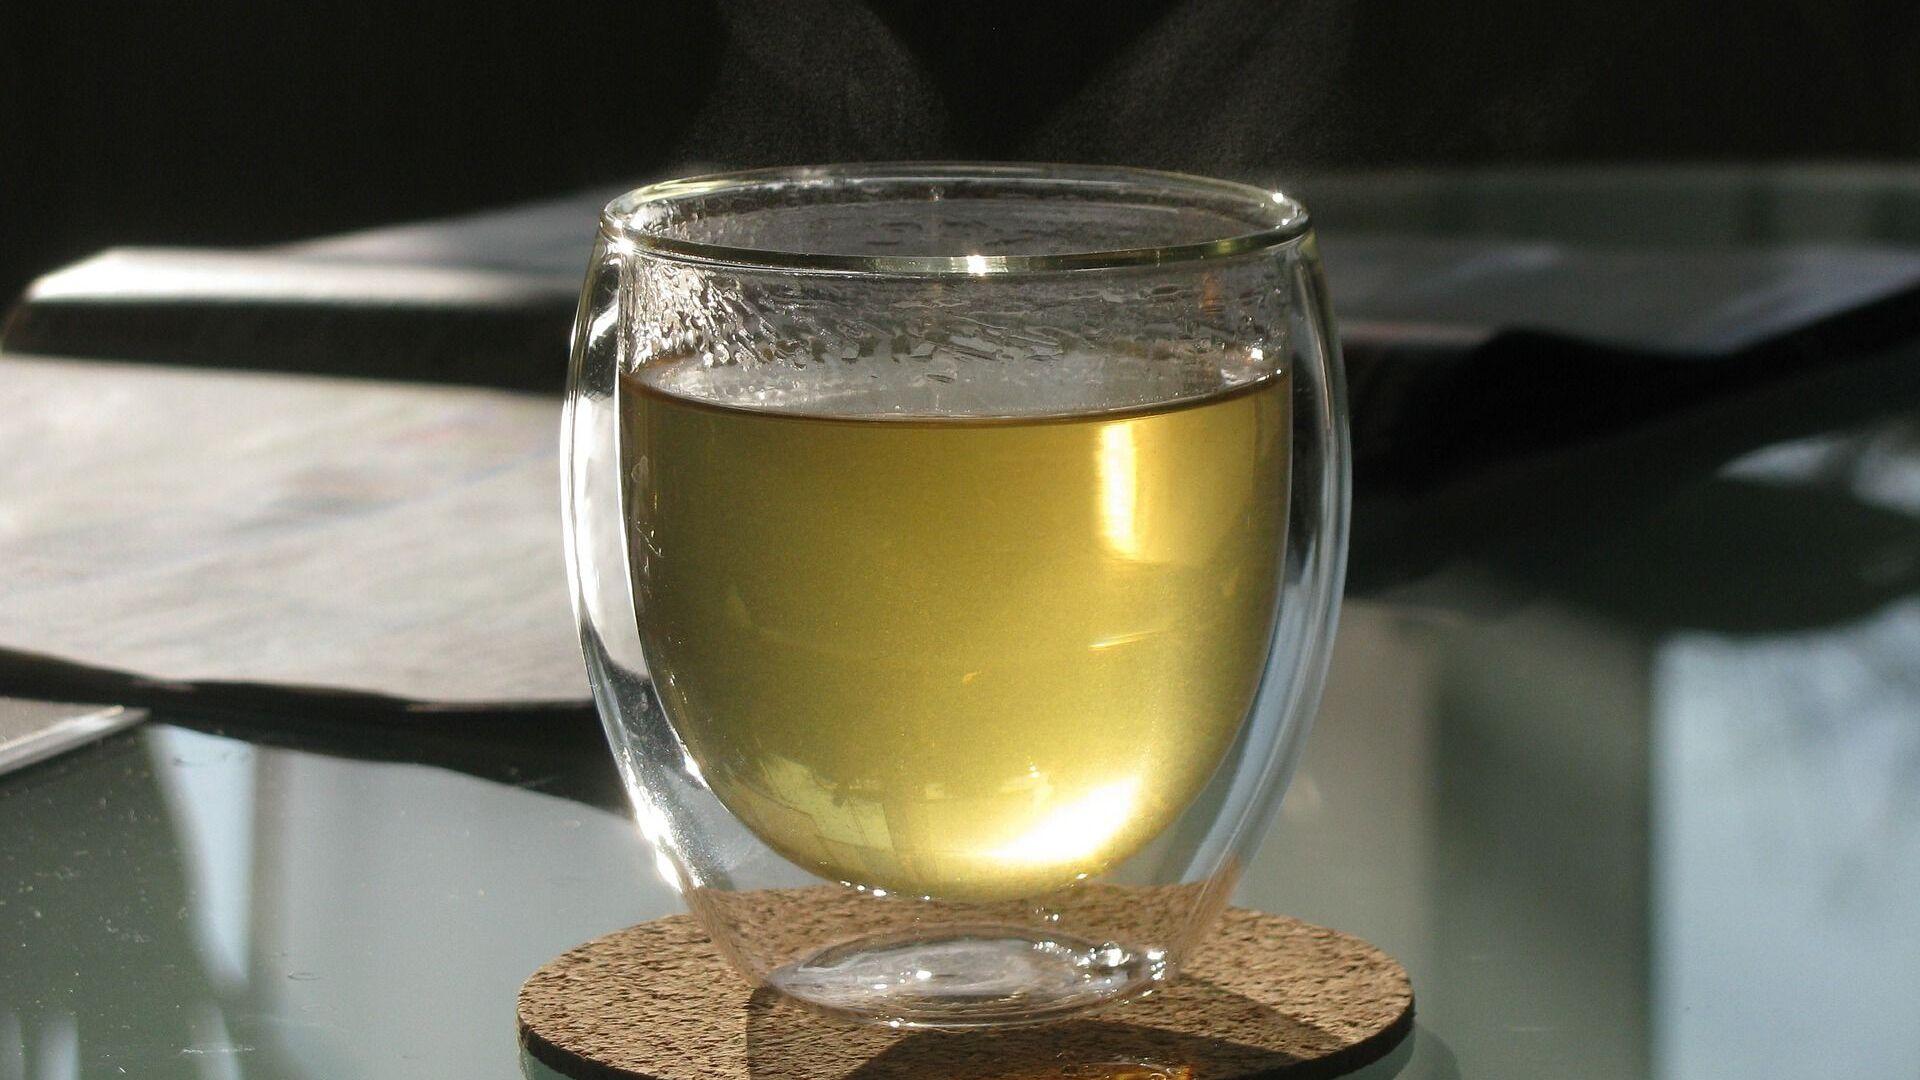 Un vaso de té (imagen referencial) - Sputnik Mundo, 1920, 09.01.2021